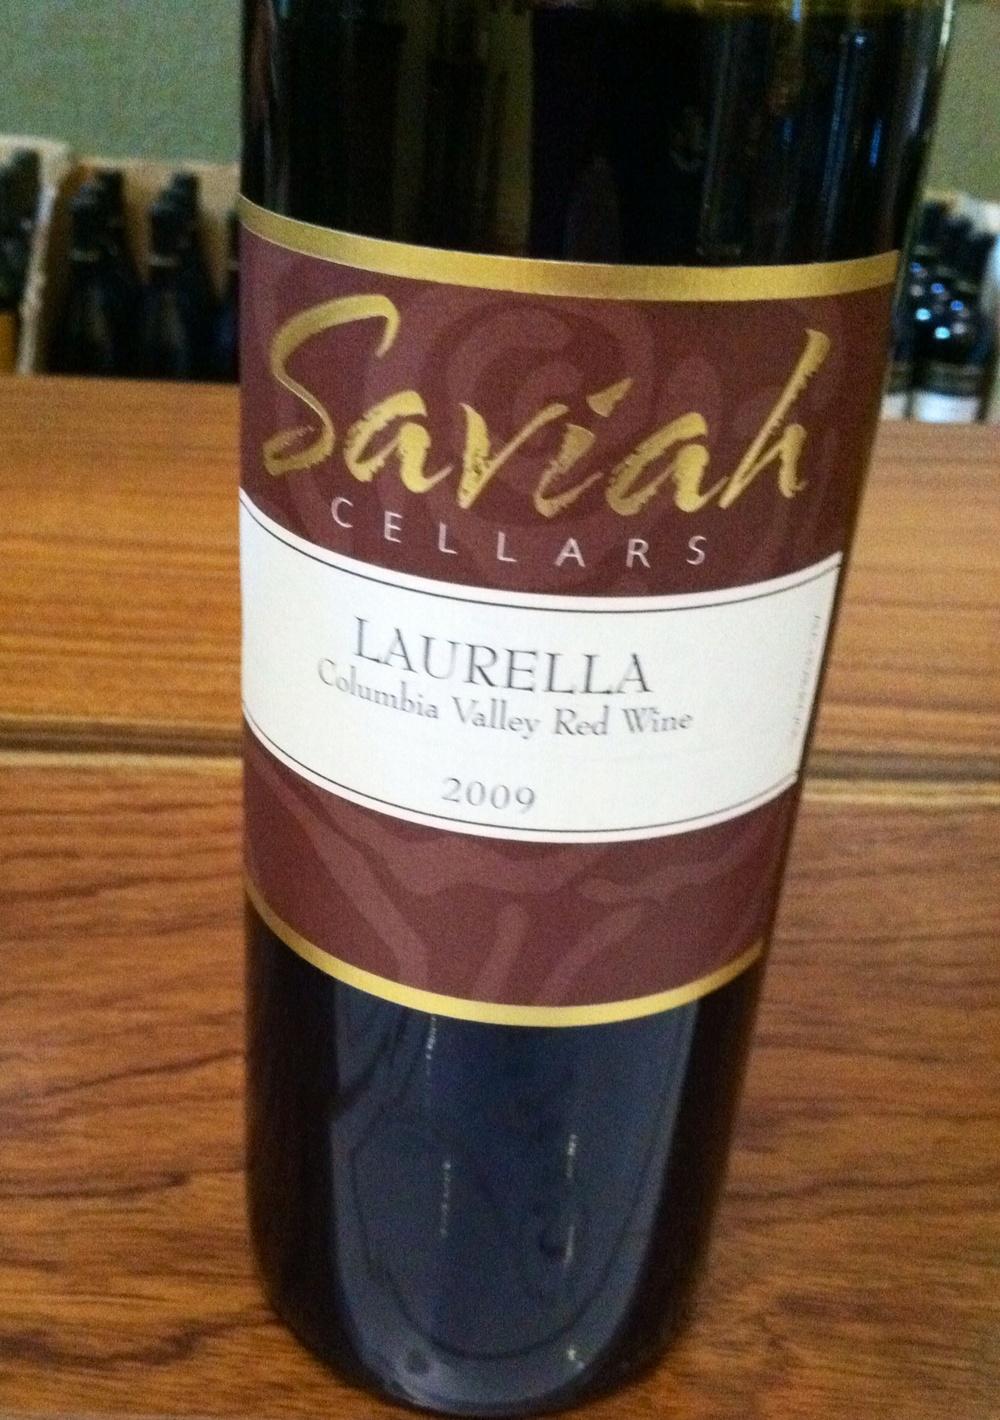 Saviah Cellars Laurella. Photo by Shana Sokol, Shana Speaks Wine.